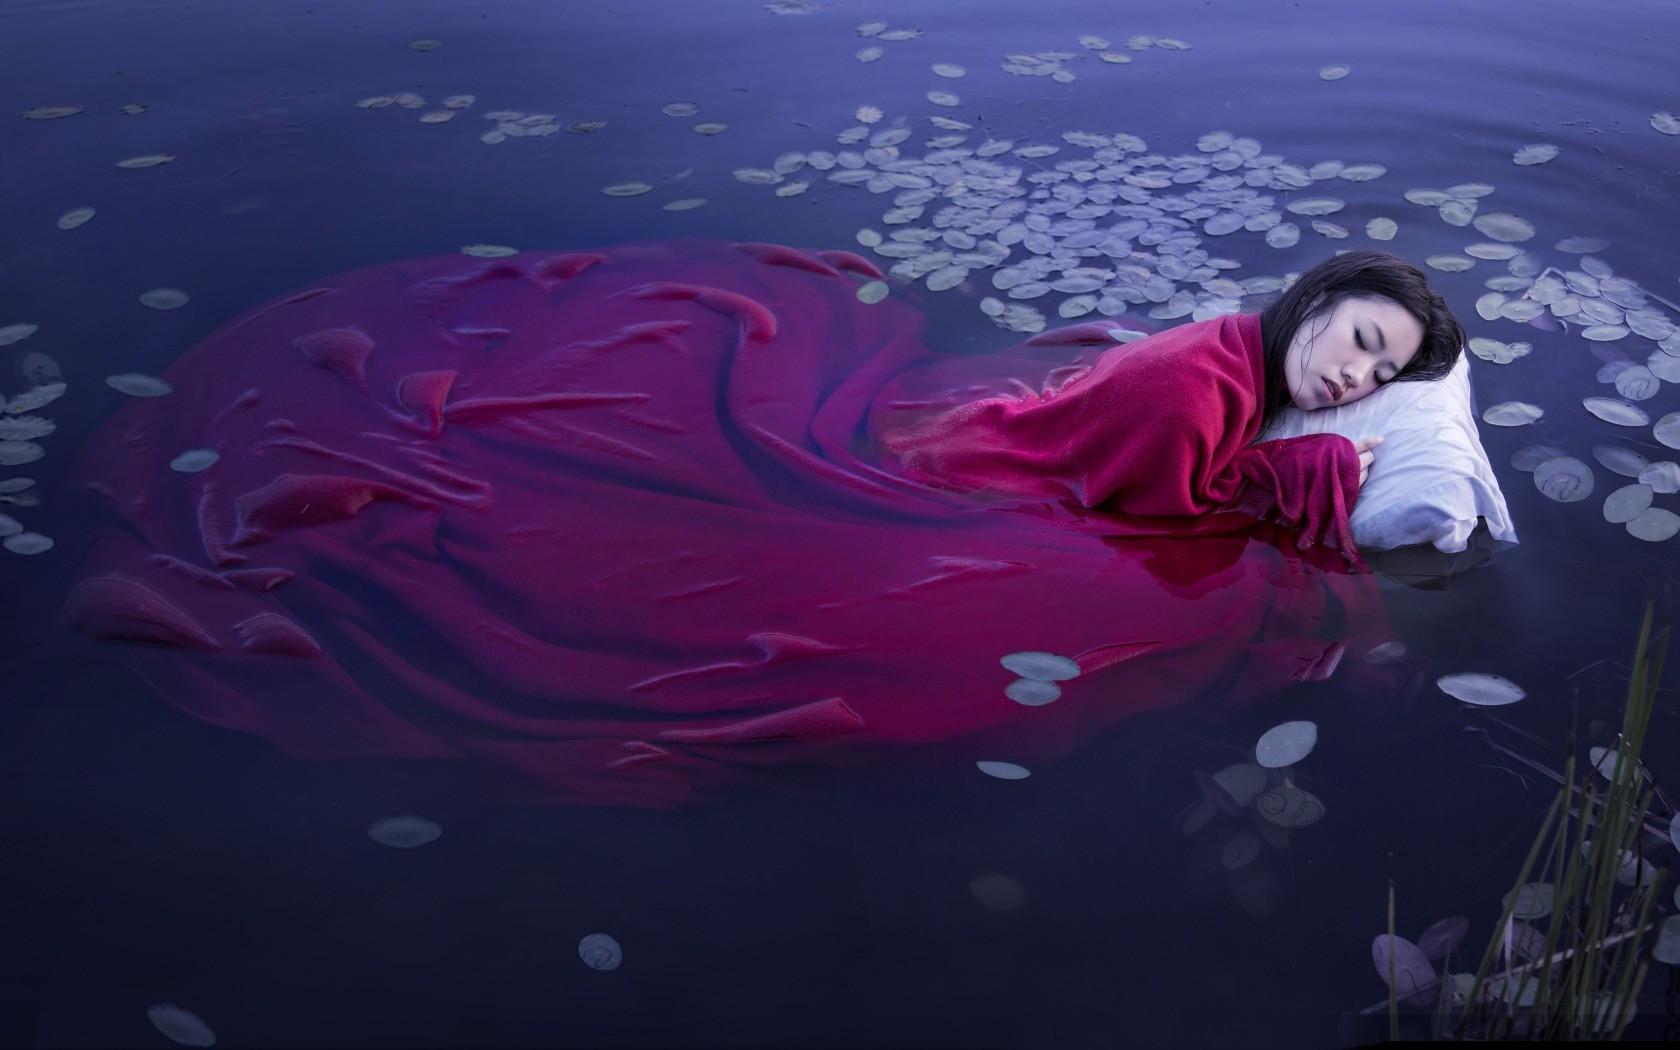 Невероятные фото пятен чернил под водой.